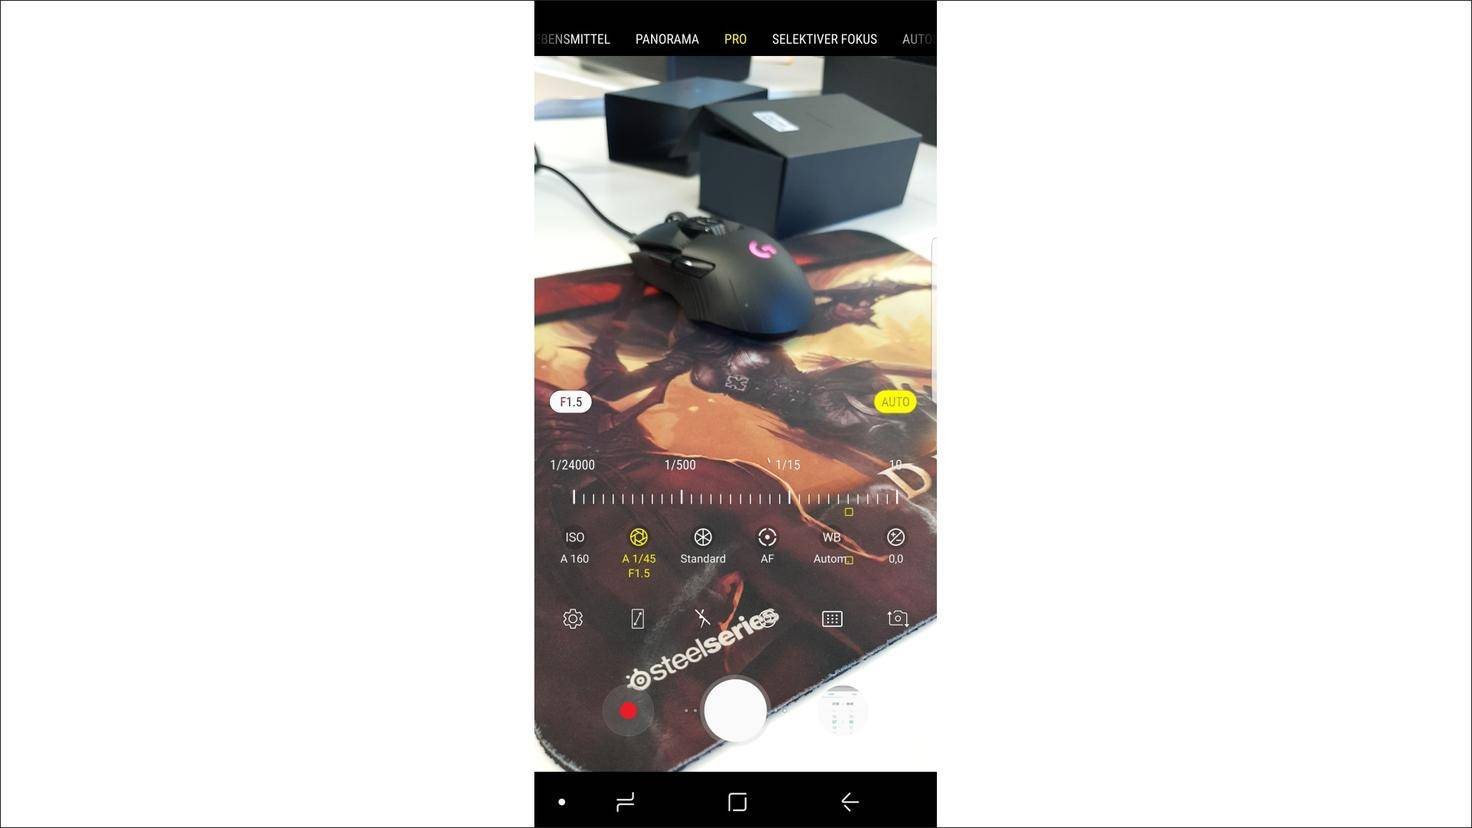 Galaxy-S9-Pro-Modus-Blendenwert